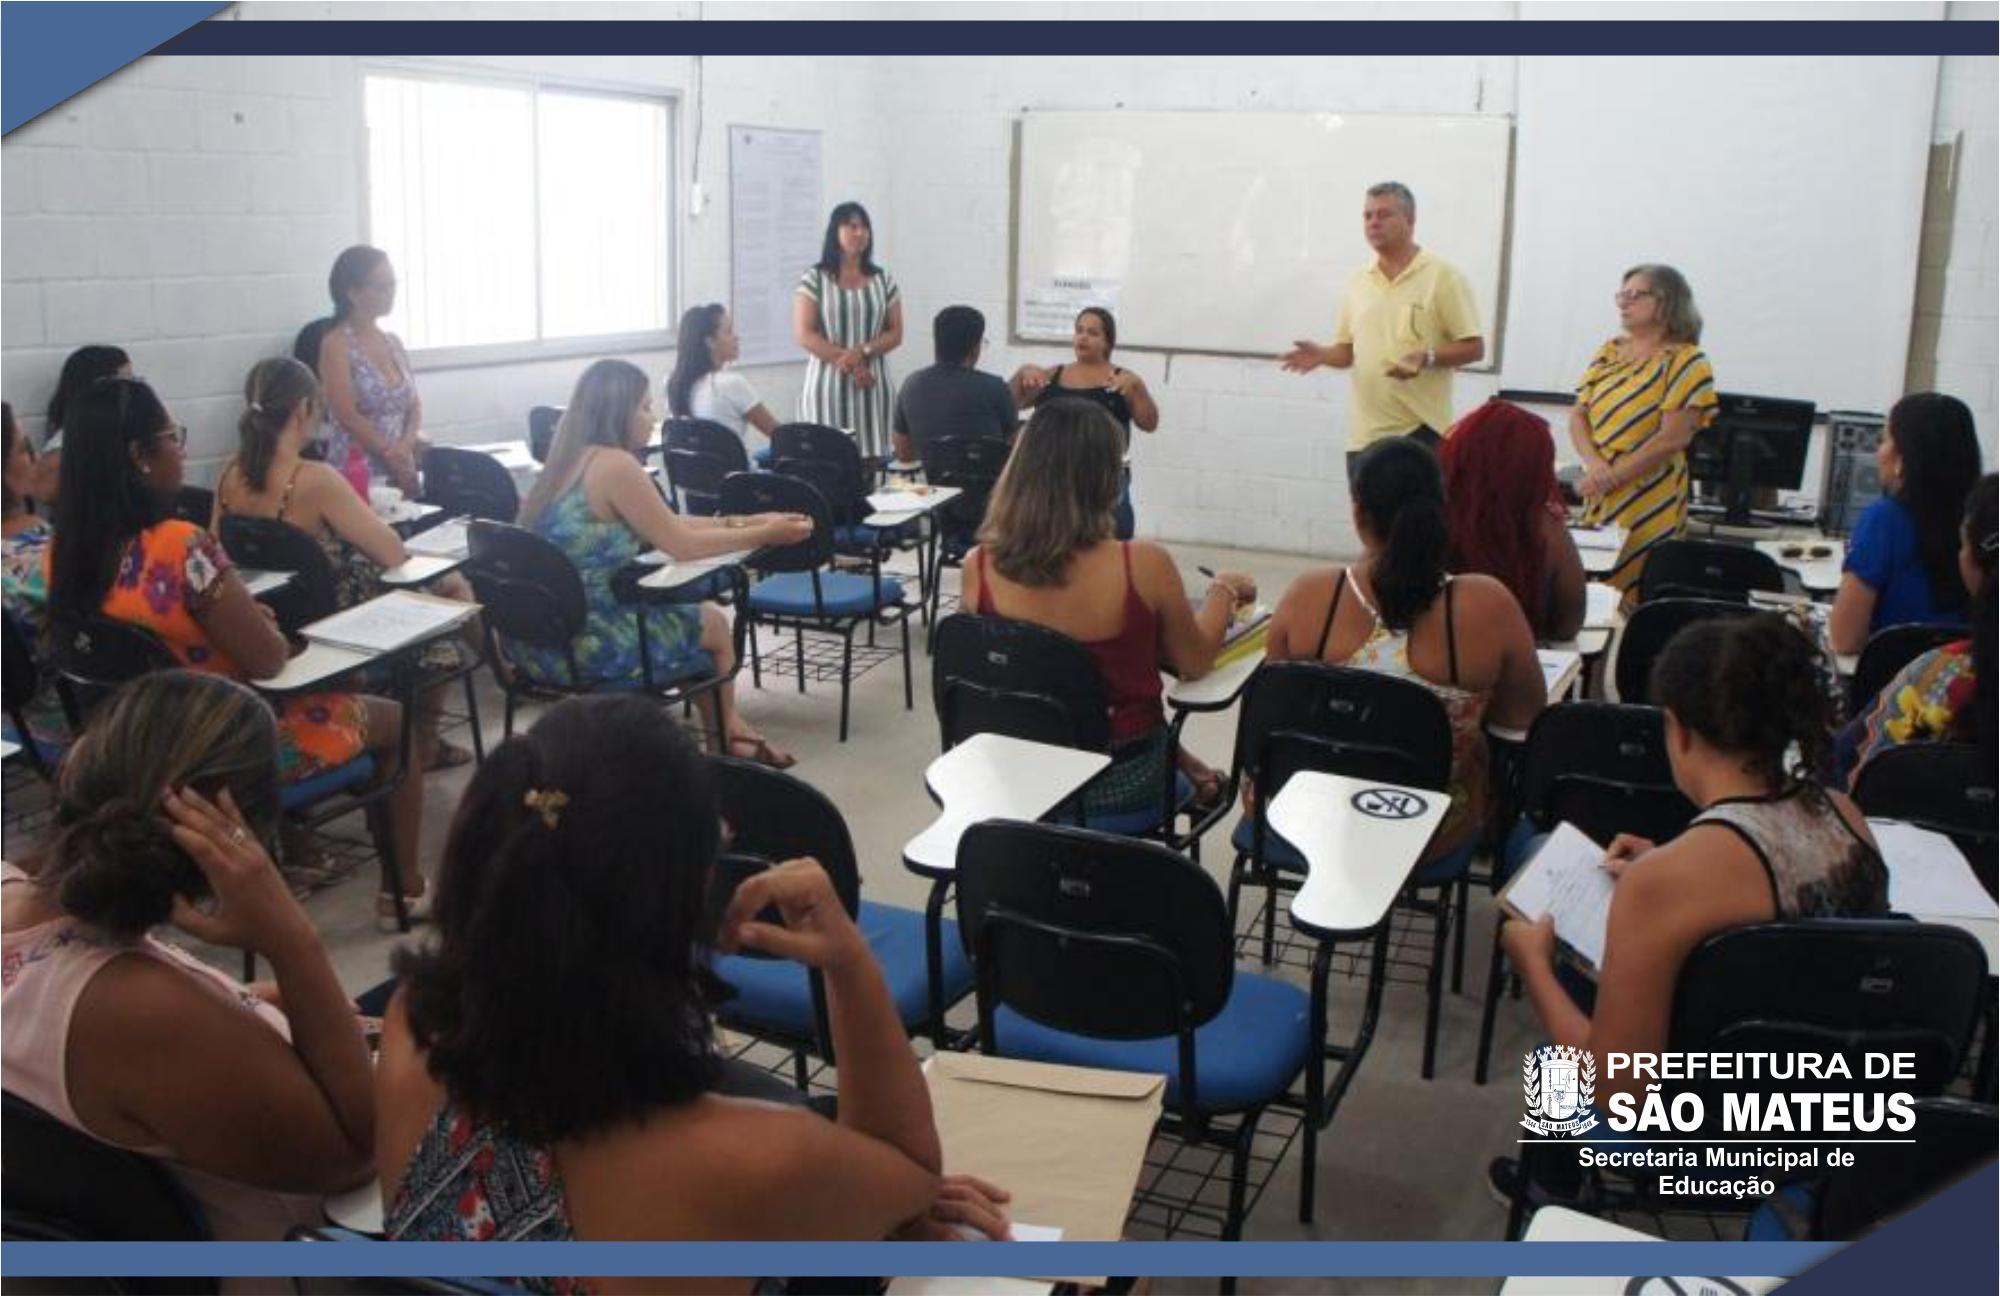 Prefeitura promove reunião para professores do Atendimento Educacional Especializado